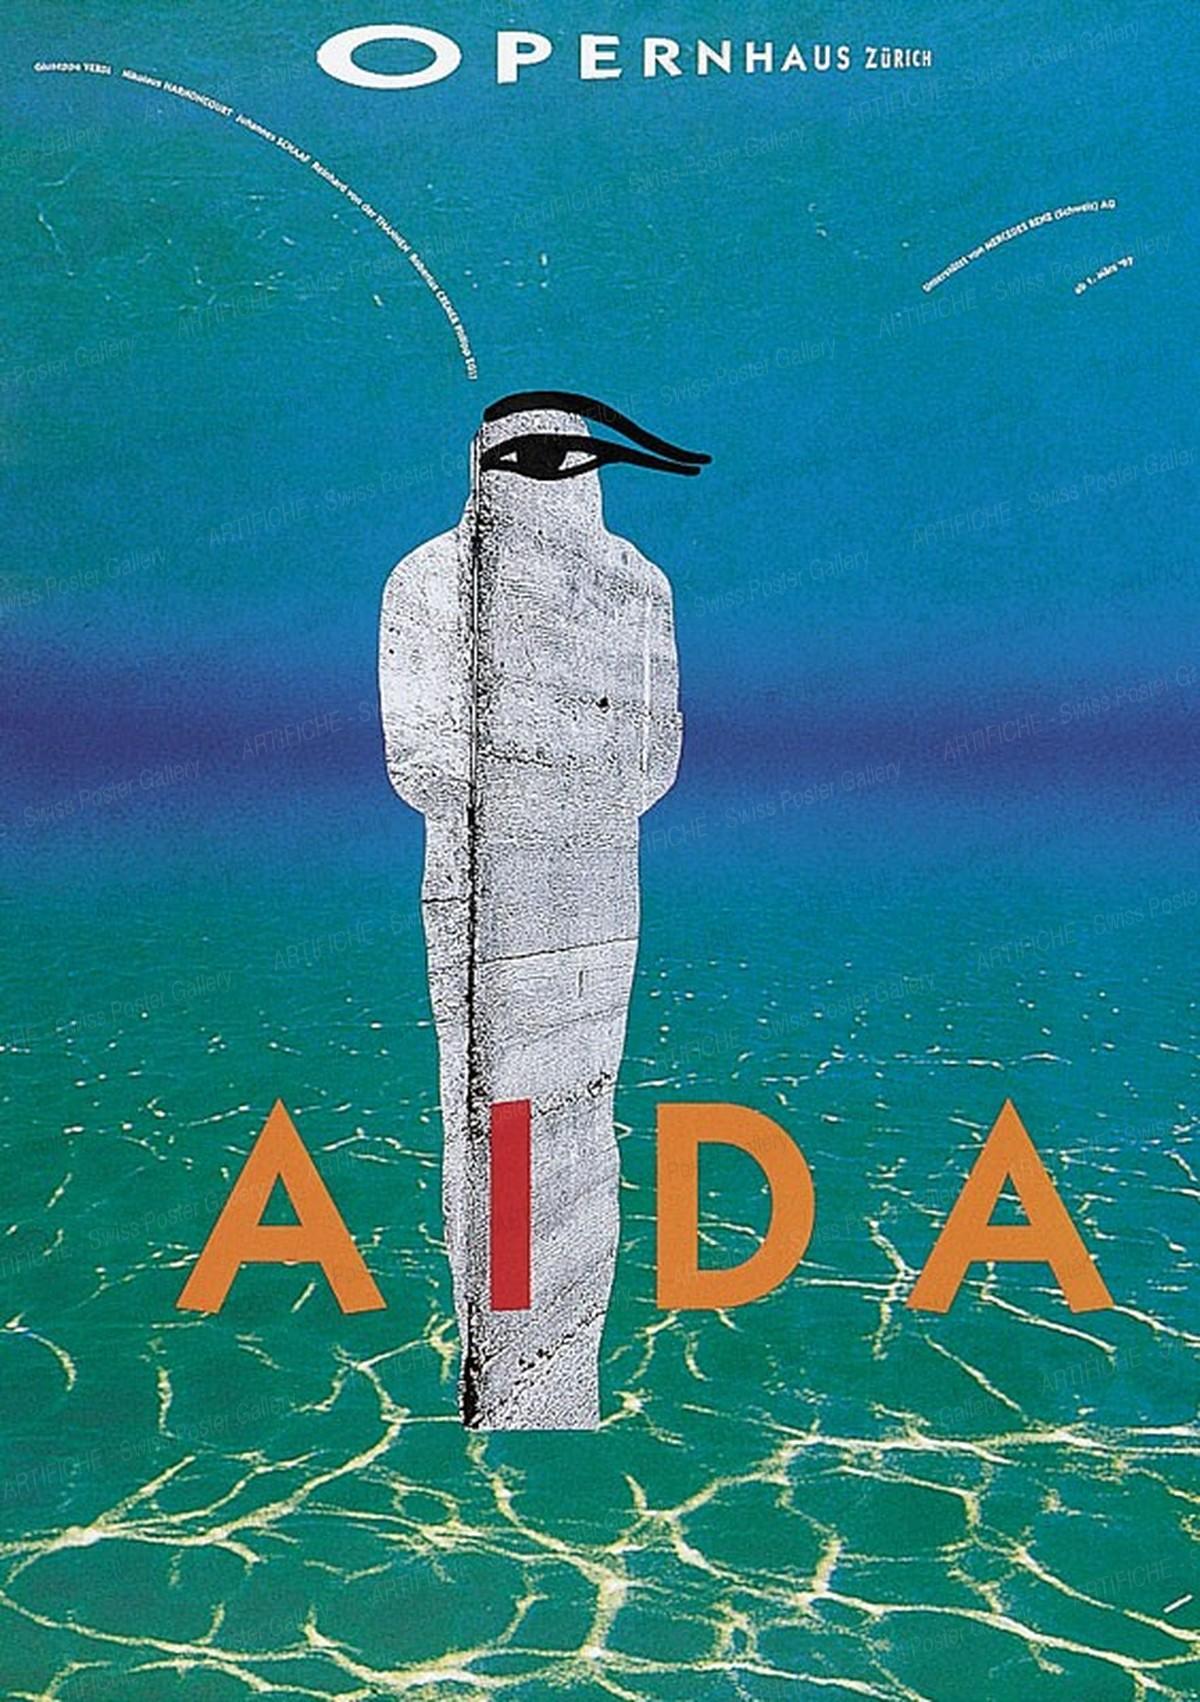 Opernhaus Zürich – Aida, K. Domenic Geissbühler